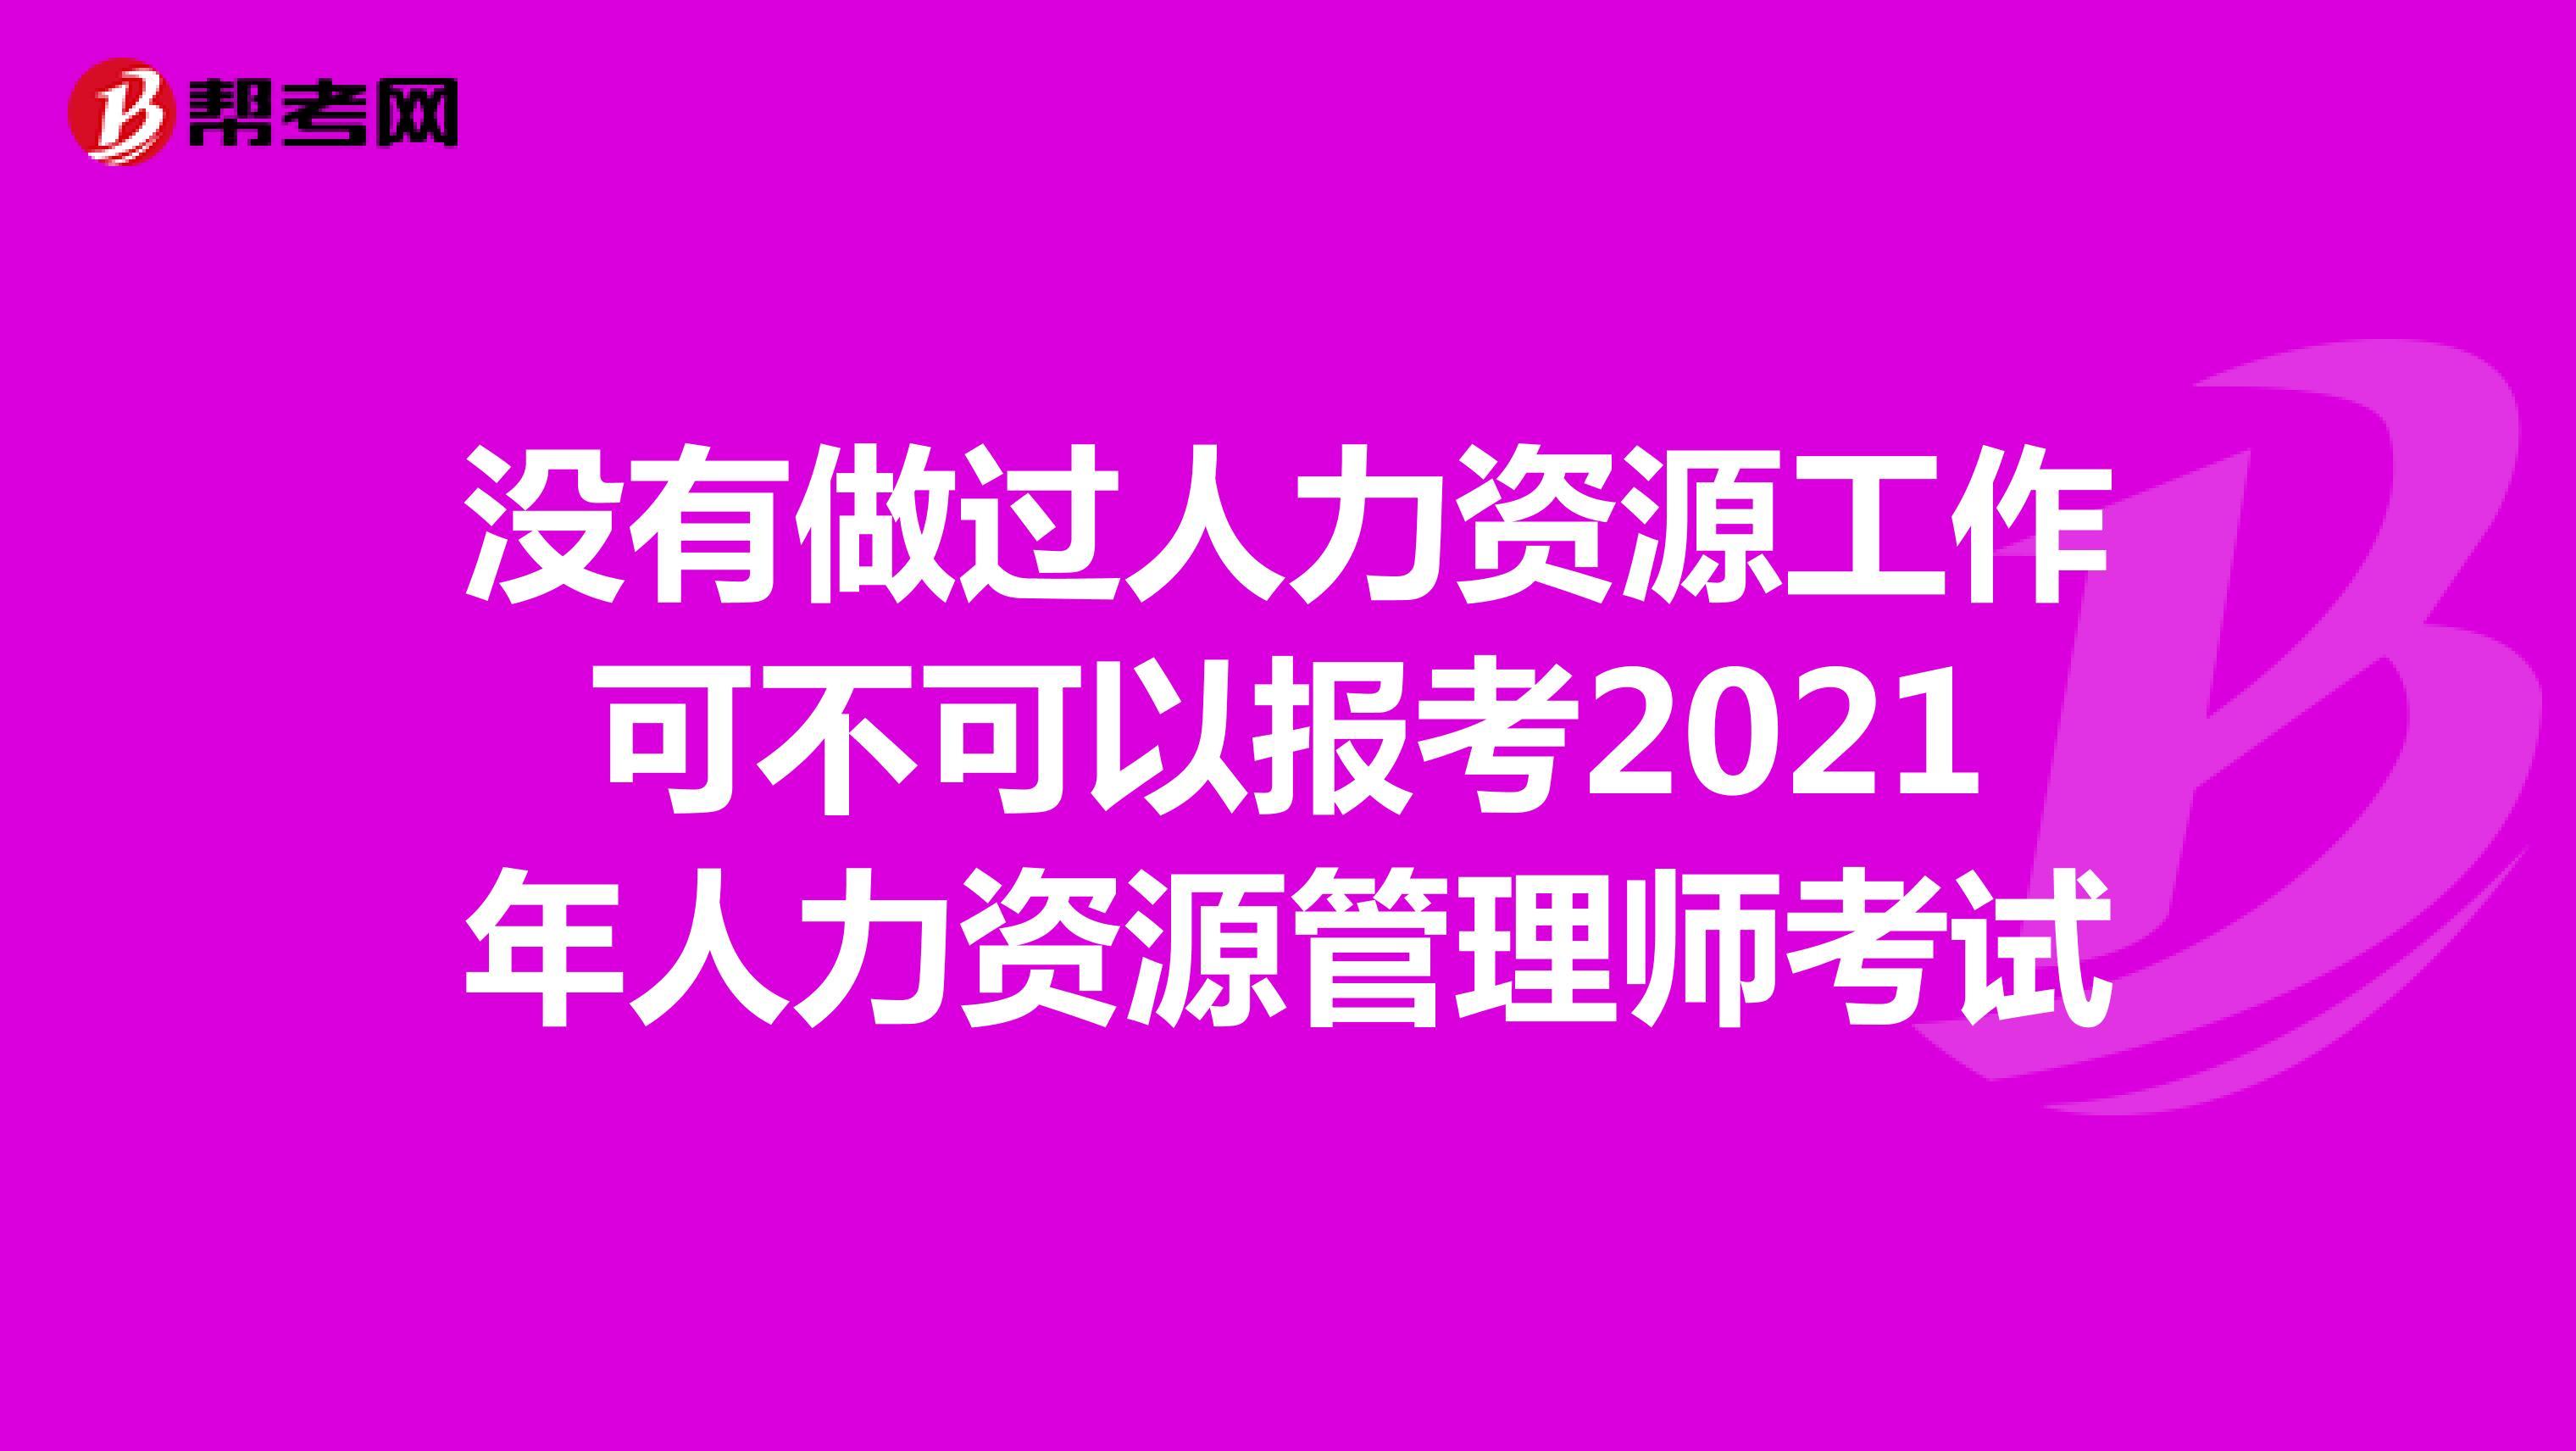 没有做过人力资源工作可不可以报考2021年人力资源管理师考试